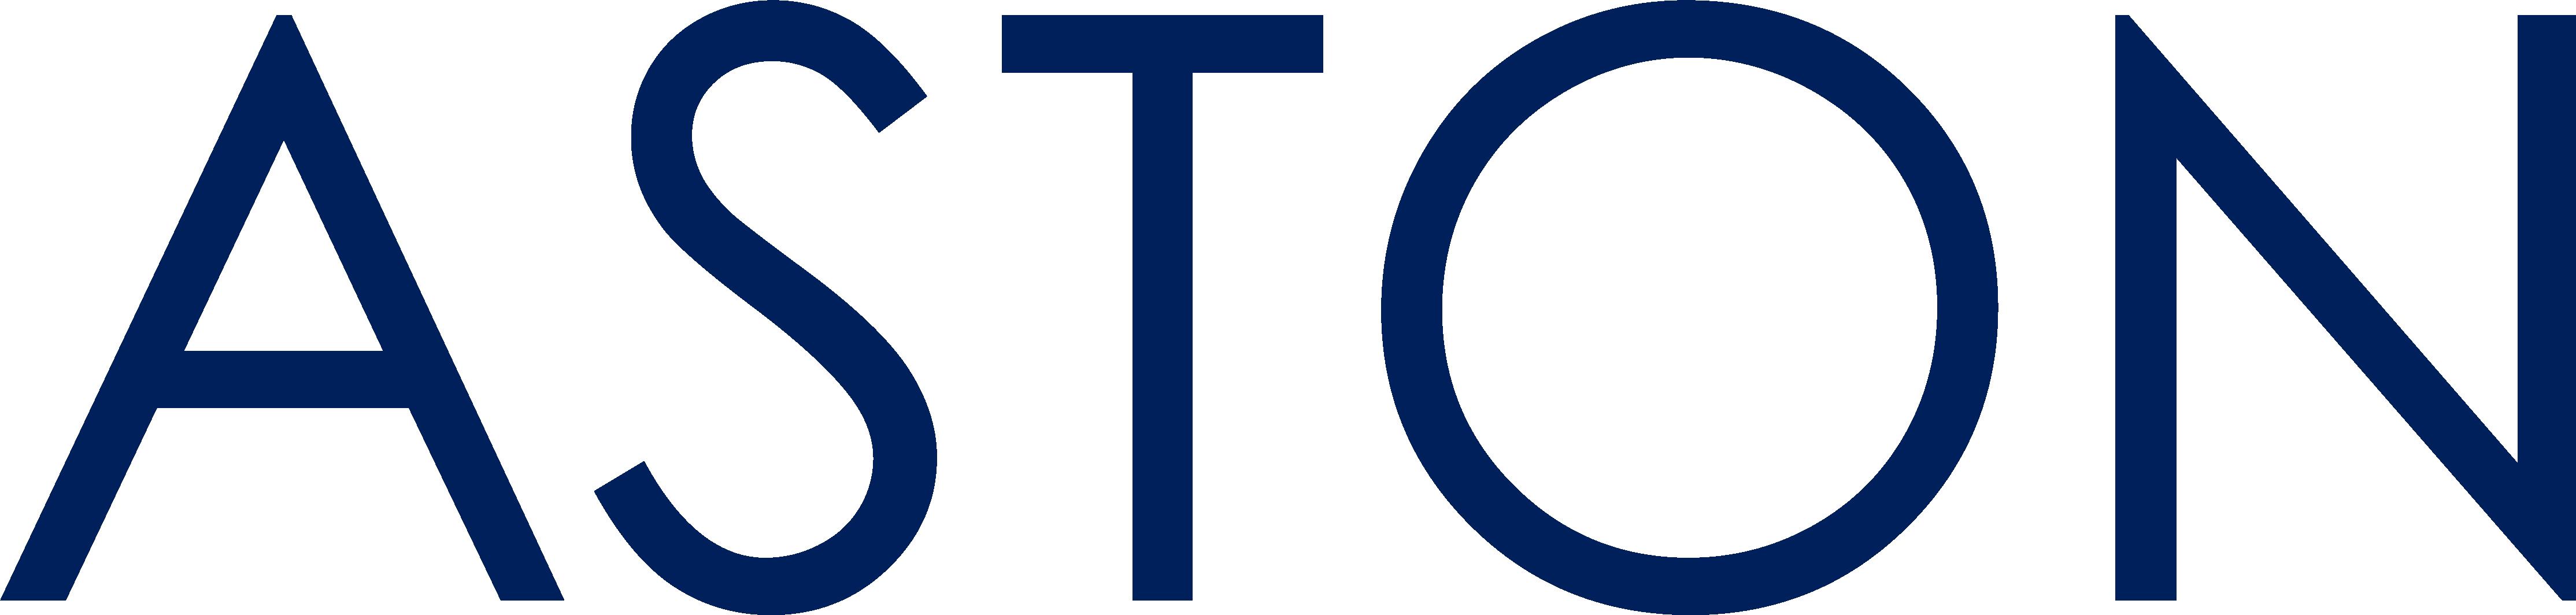 aston-logo-color